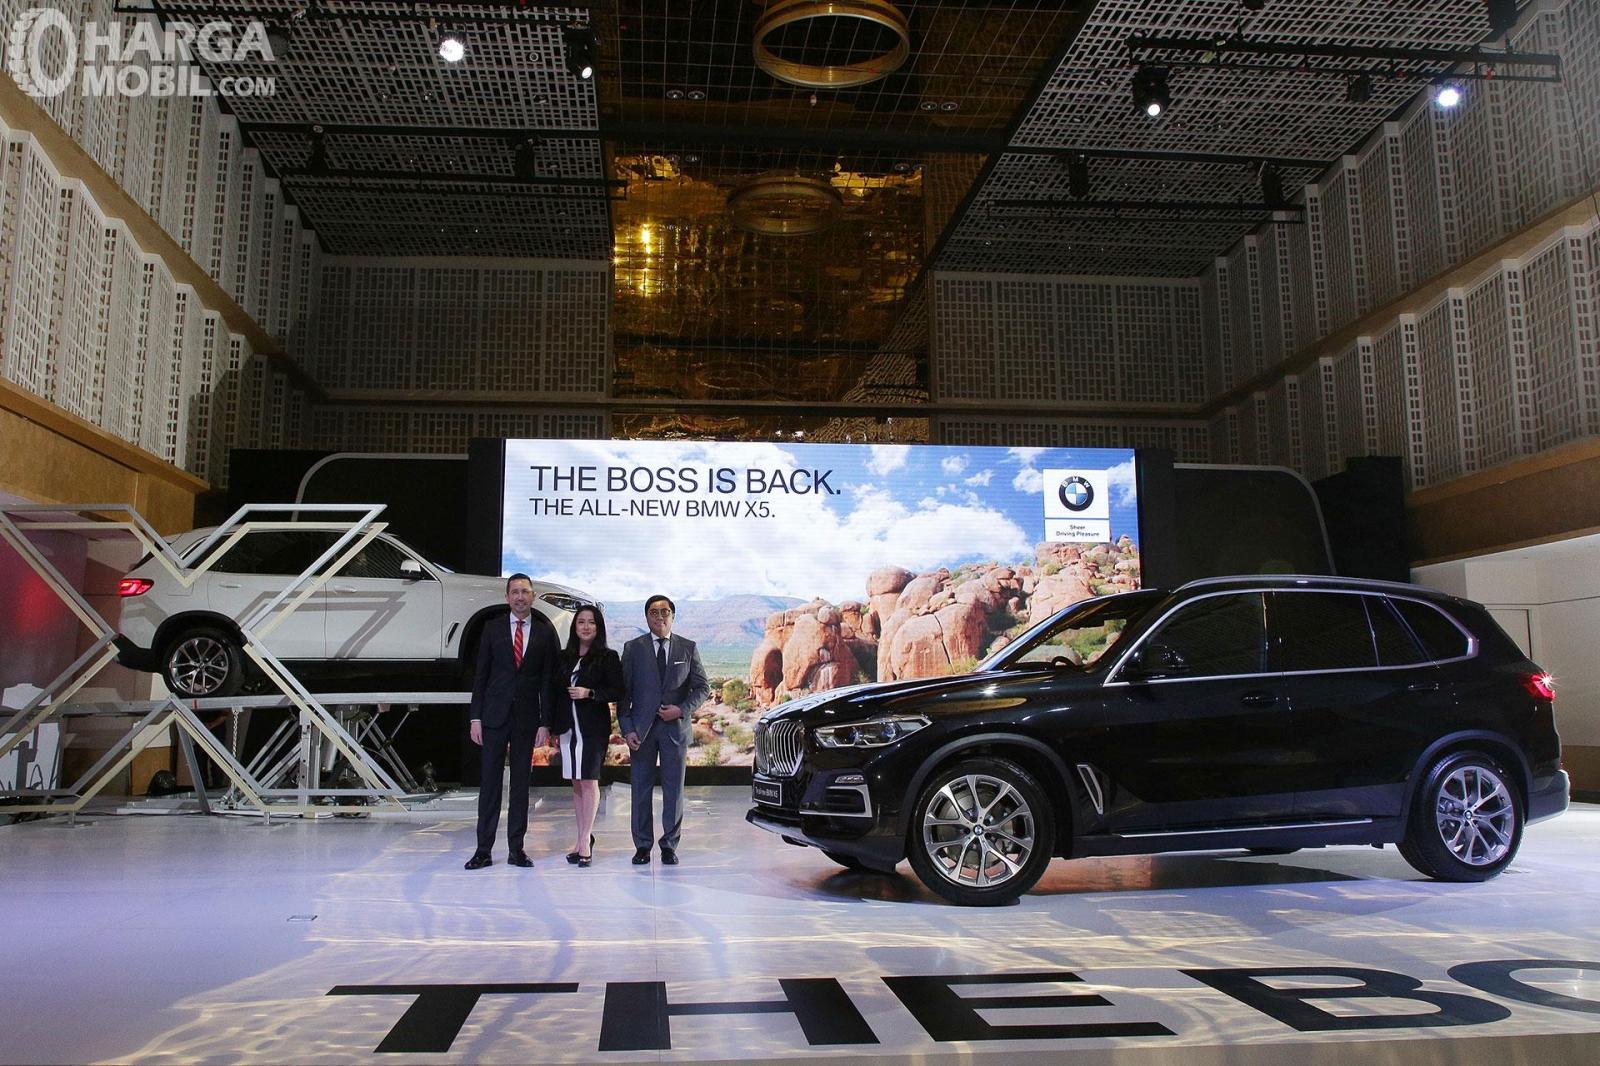 Gambar menunjukkan Peluncuran All-New BMW X5 di pasar Indonesia